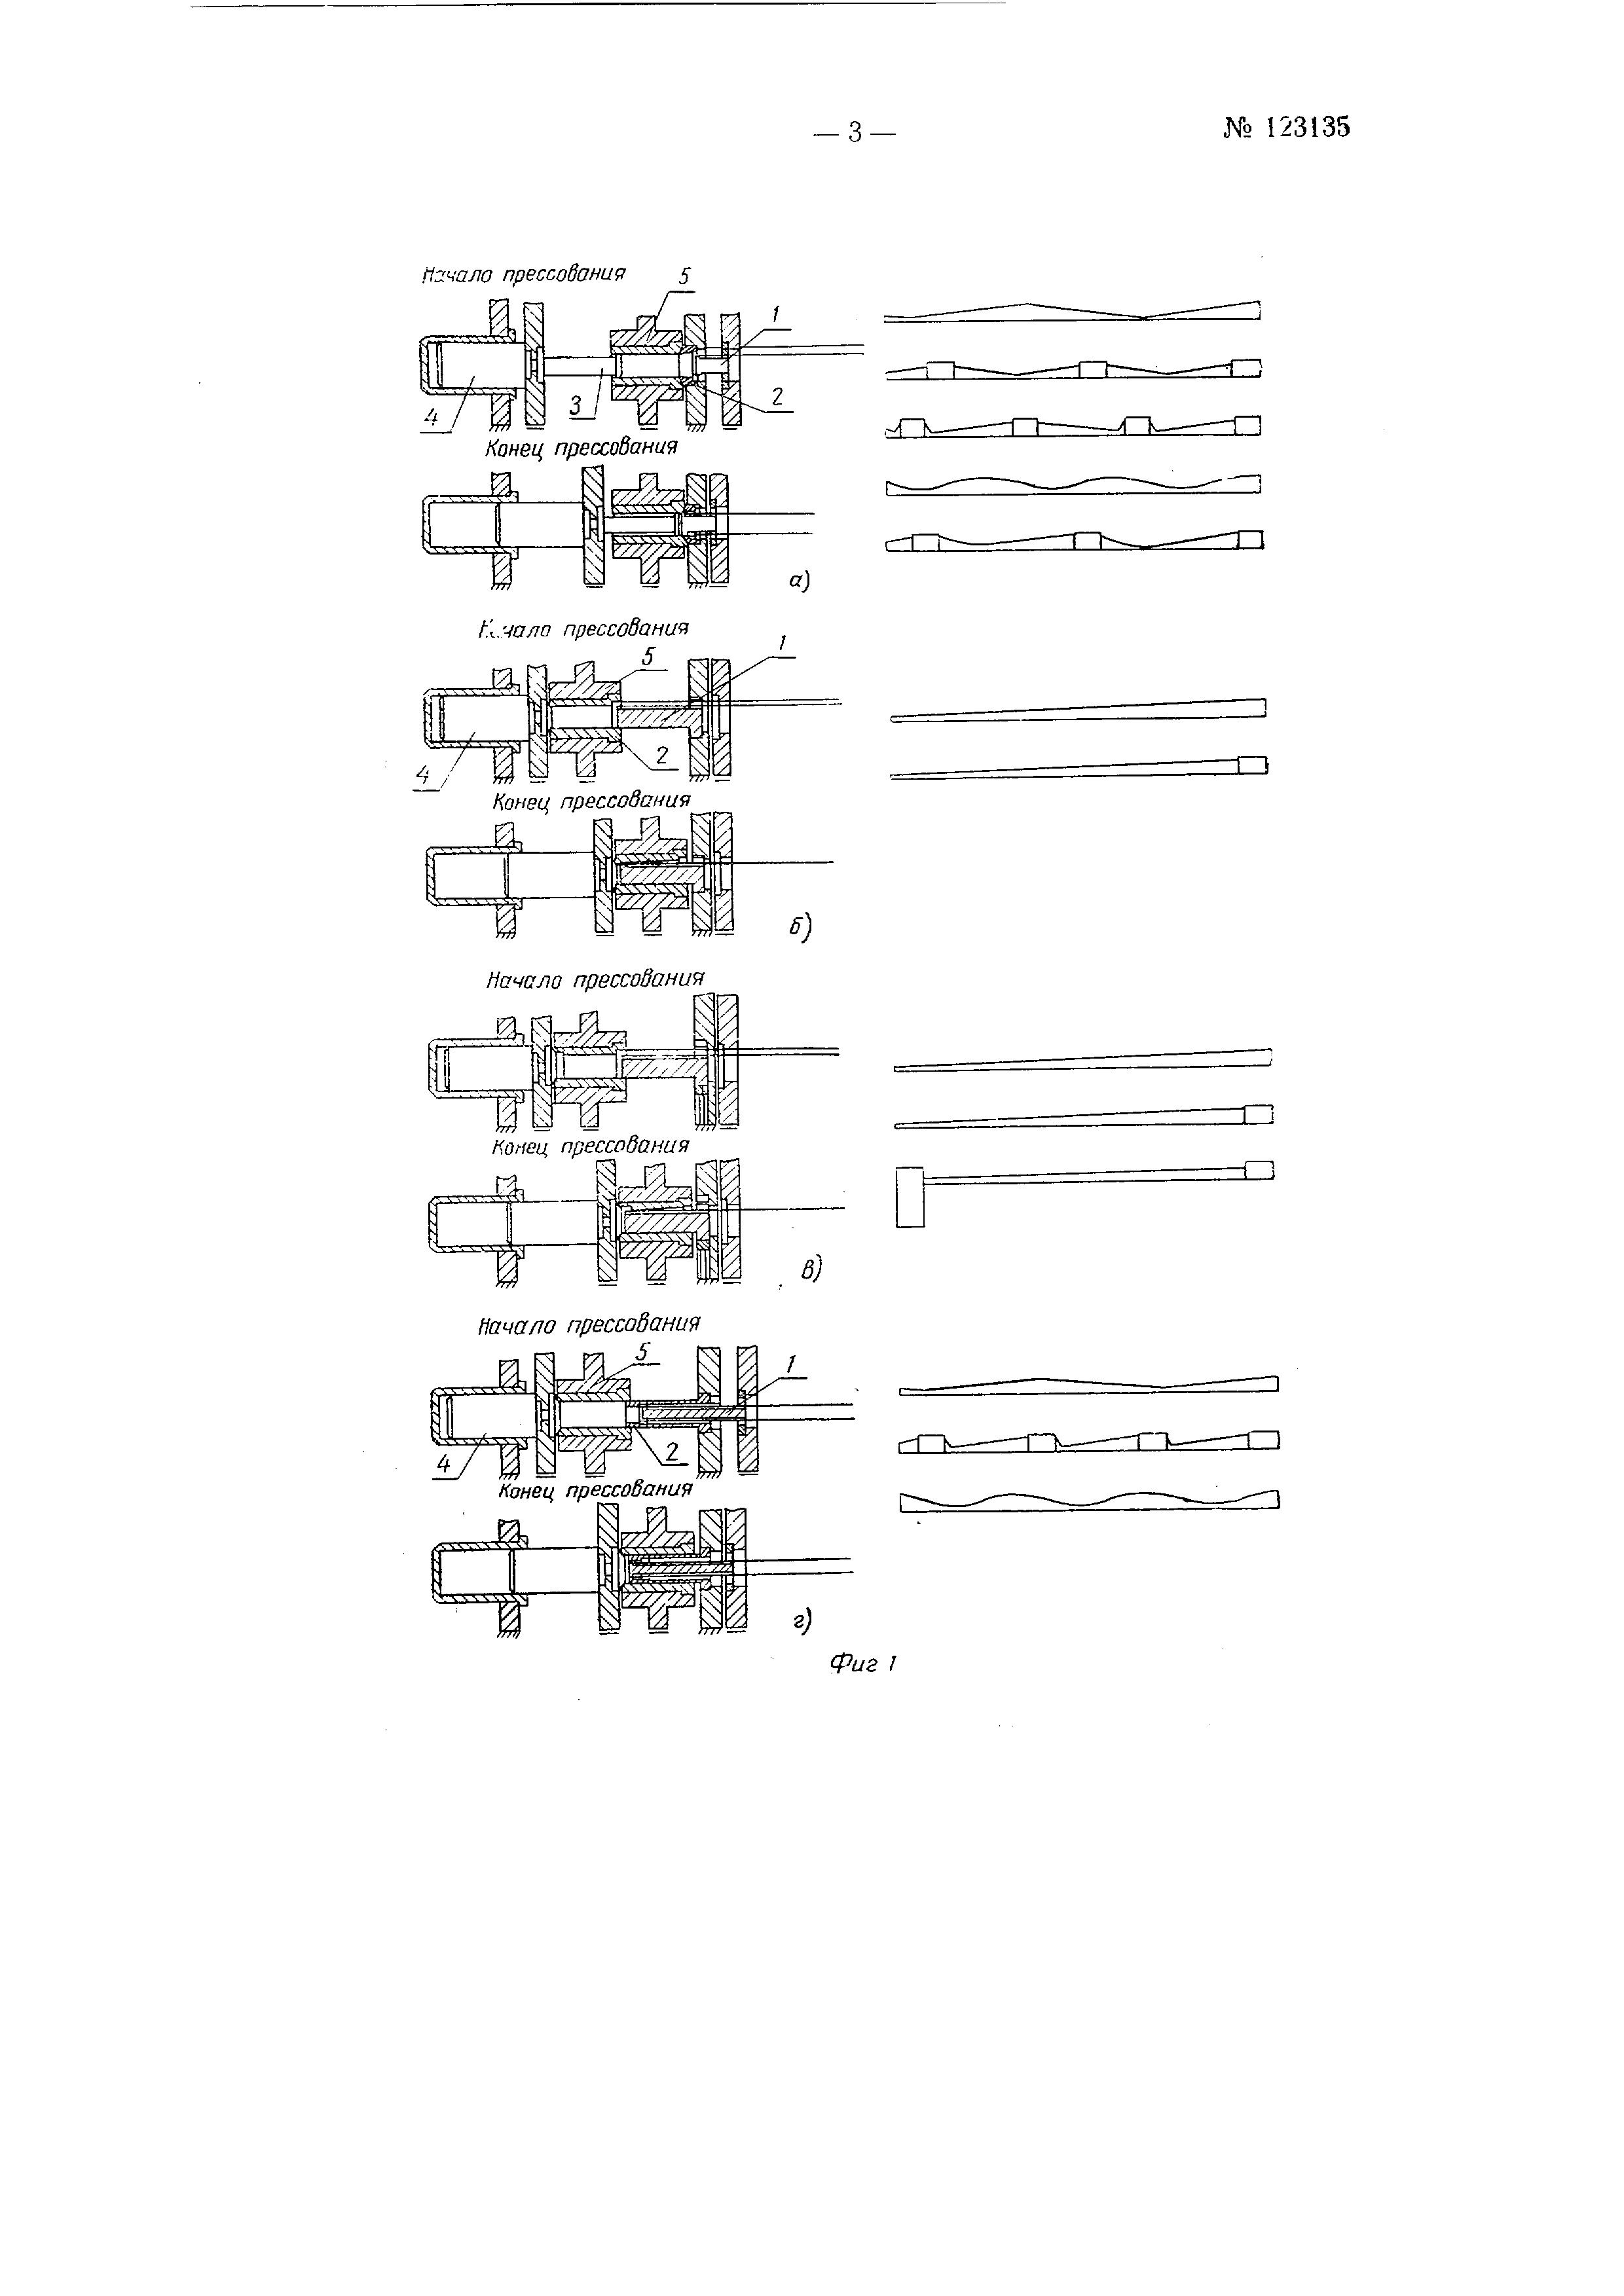 Схема цеха прессования металлов фото 568